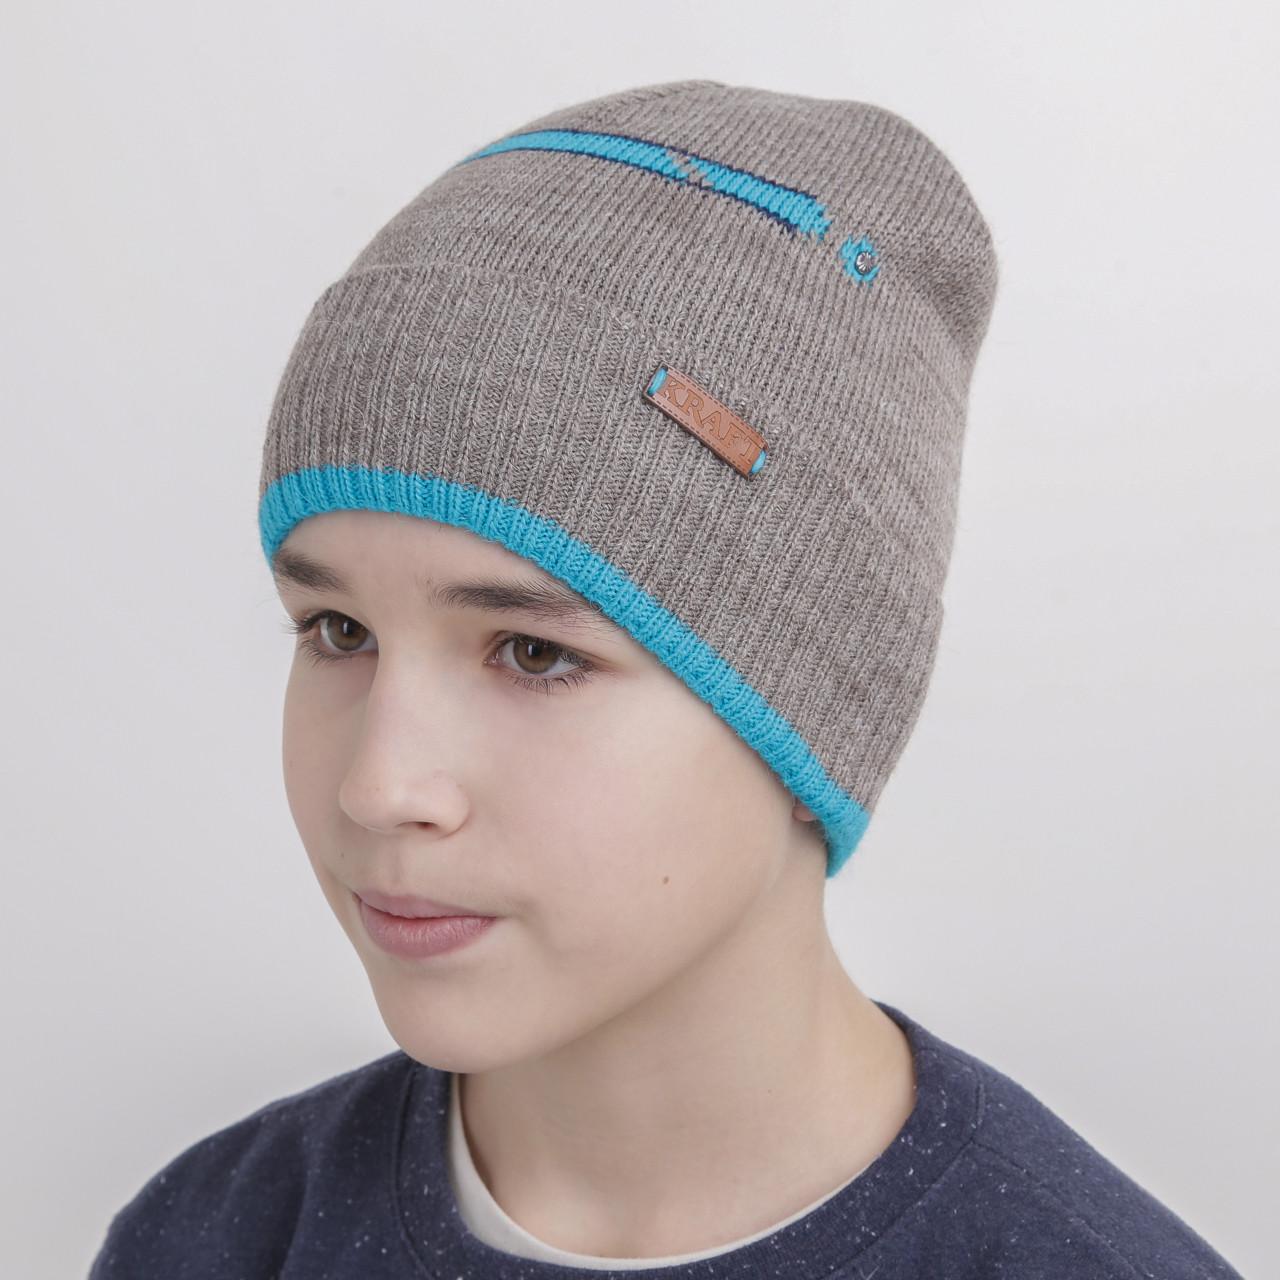 Шапка для мальчика подростка на флисе - Артикул 1079 (светло-серая)